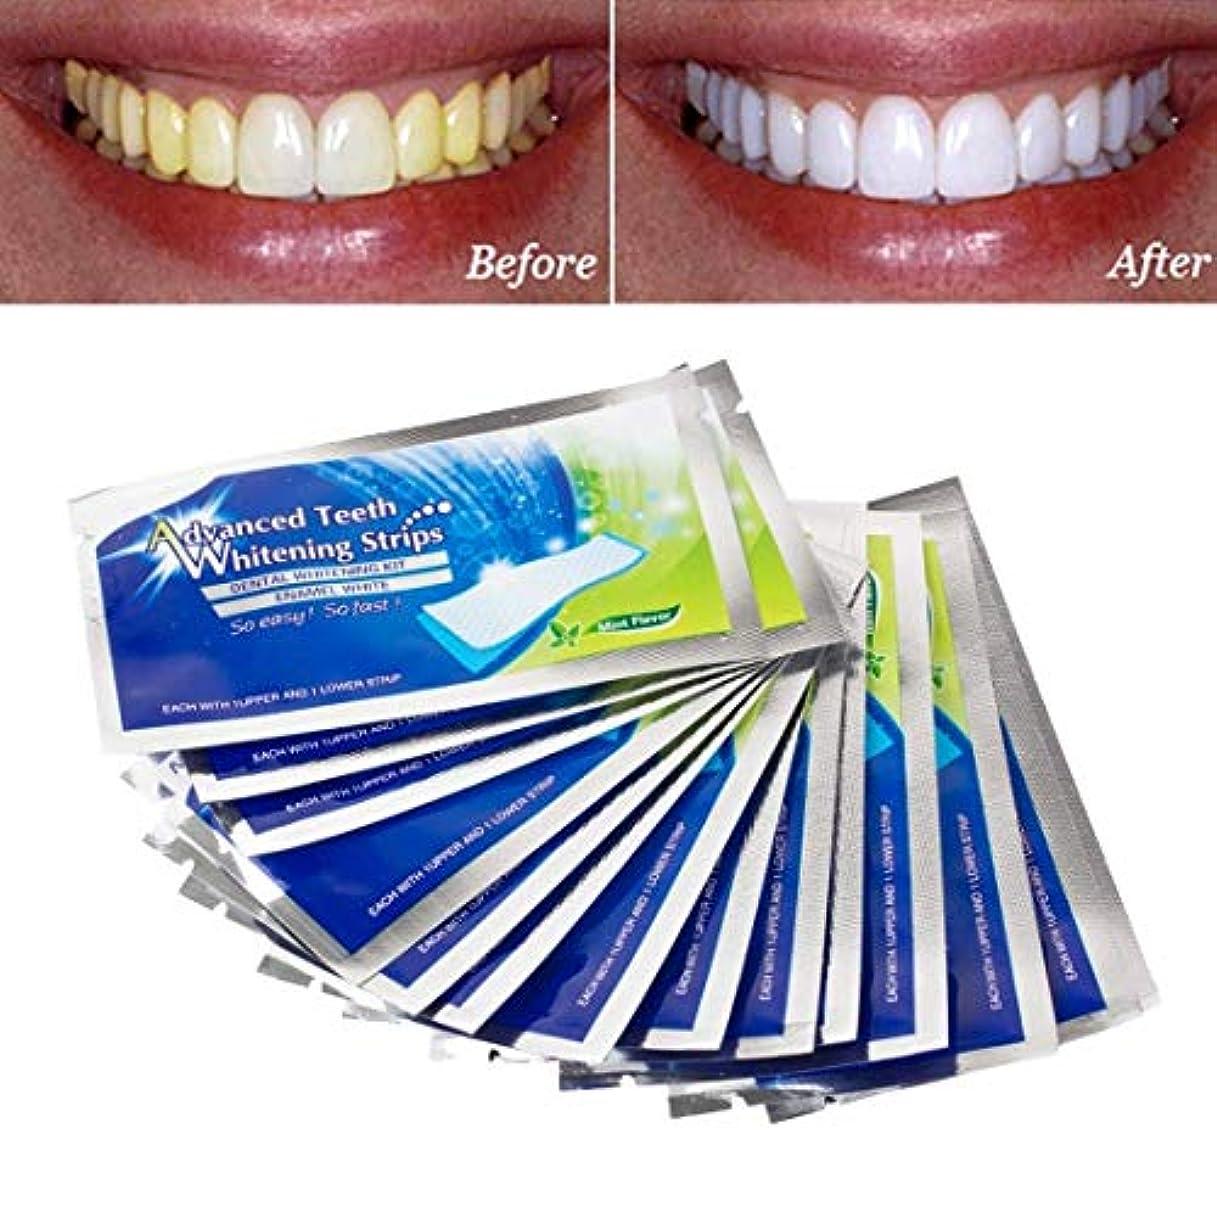 胚動く有名なストリップホワイトニングキット/ 14 PCSアドバンスト効果的な歯科ホワイトニングキットミントフレーバーの歯を白くするツール/歯のクリーニング歯